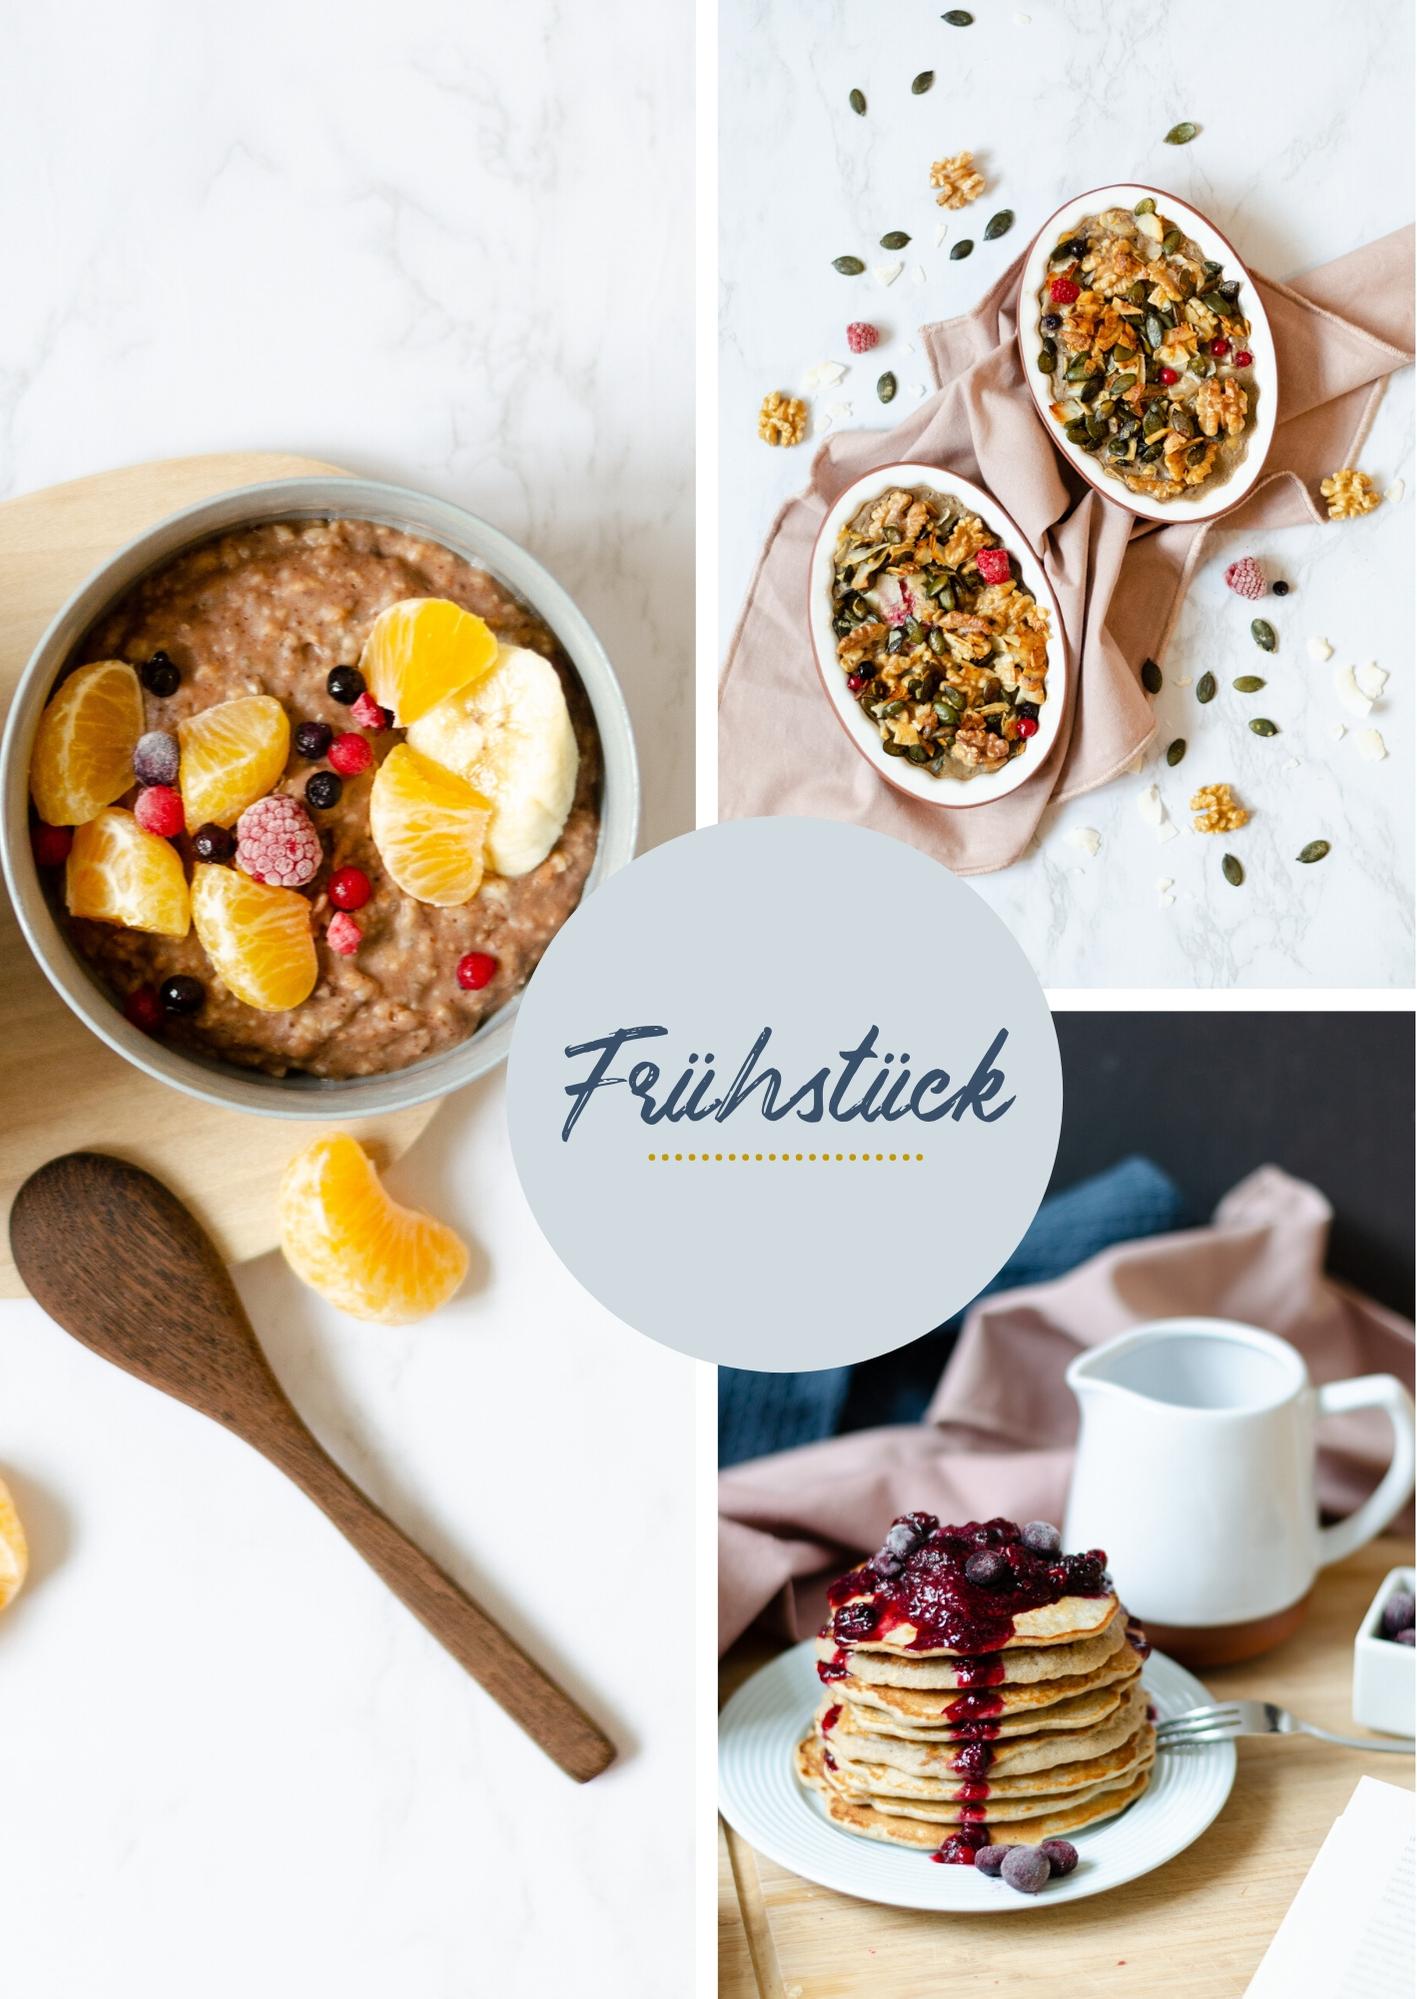 Winter Frühstück Übersichtsseite